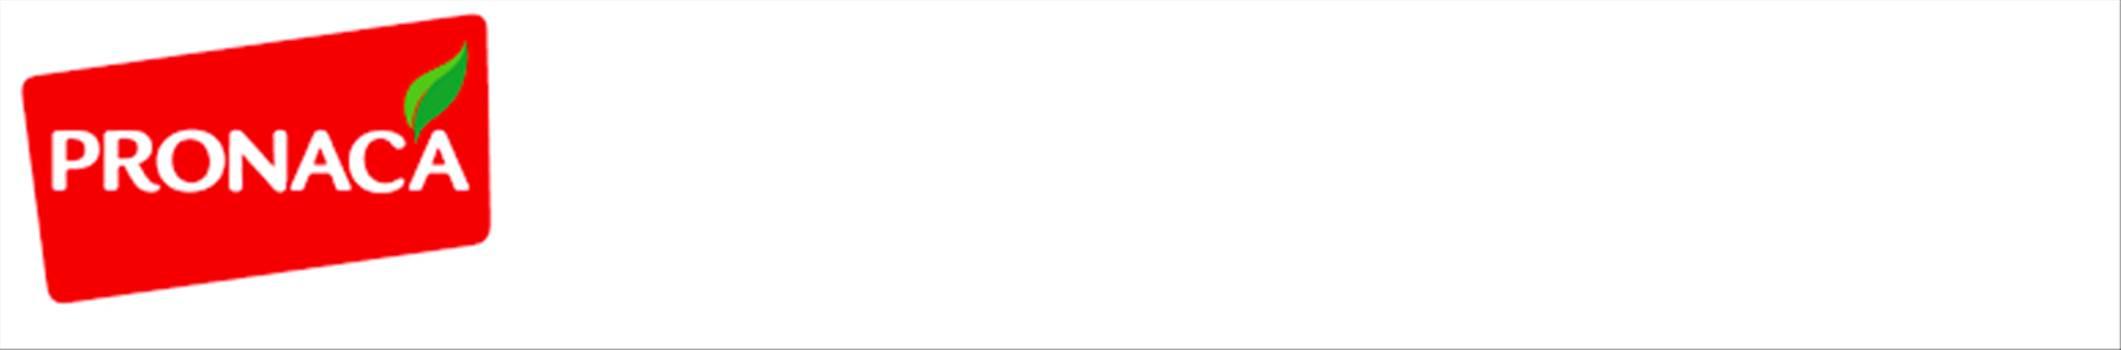 Anexo 3 - Ejemplos de Plantillas de Notificación  2019-06-06 15-21-29.png by majo